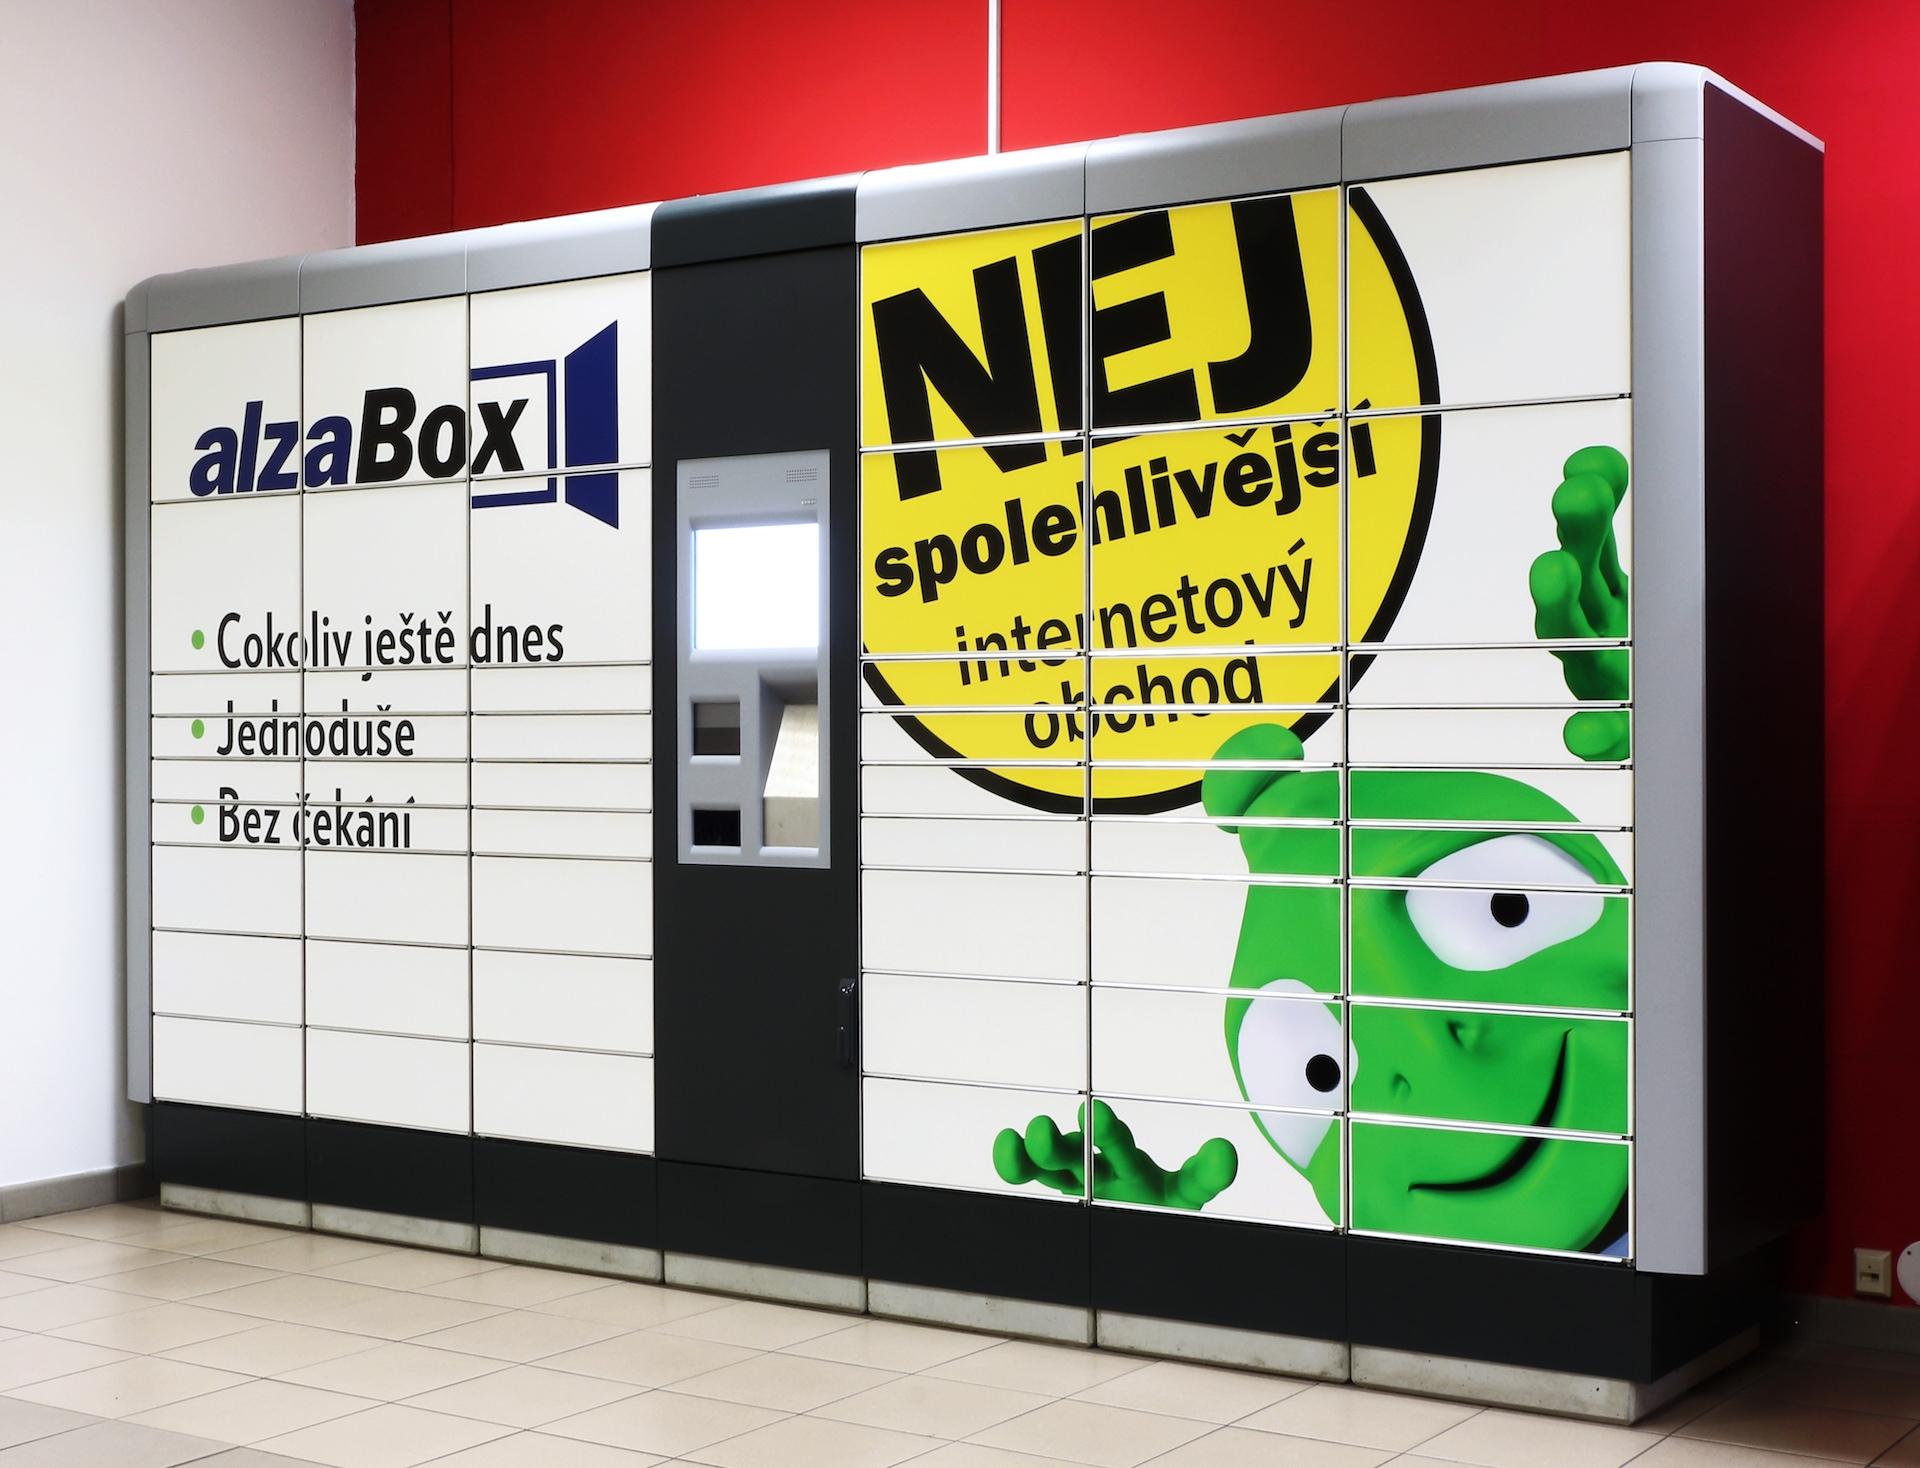 Zboží si lze nechat poslat také do AlzaBoxu